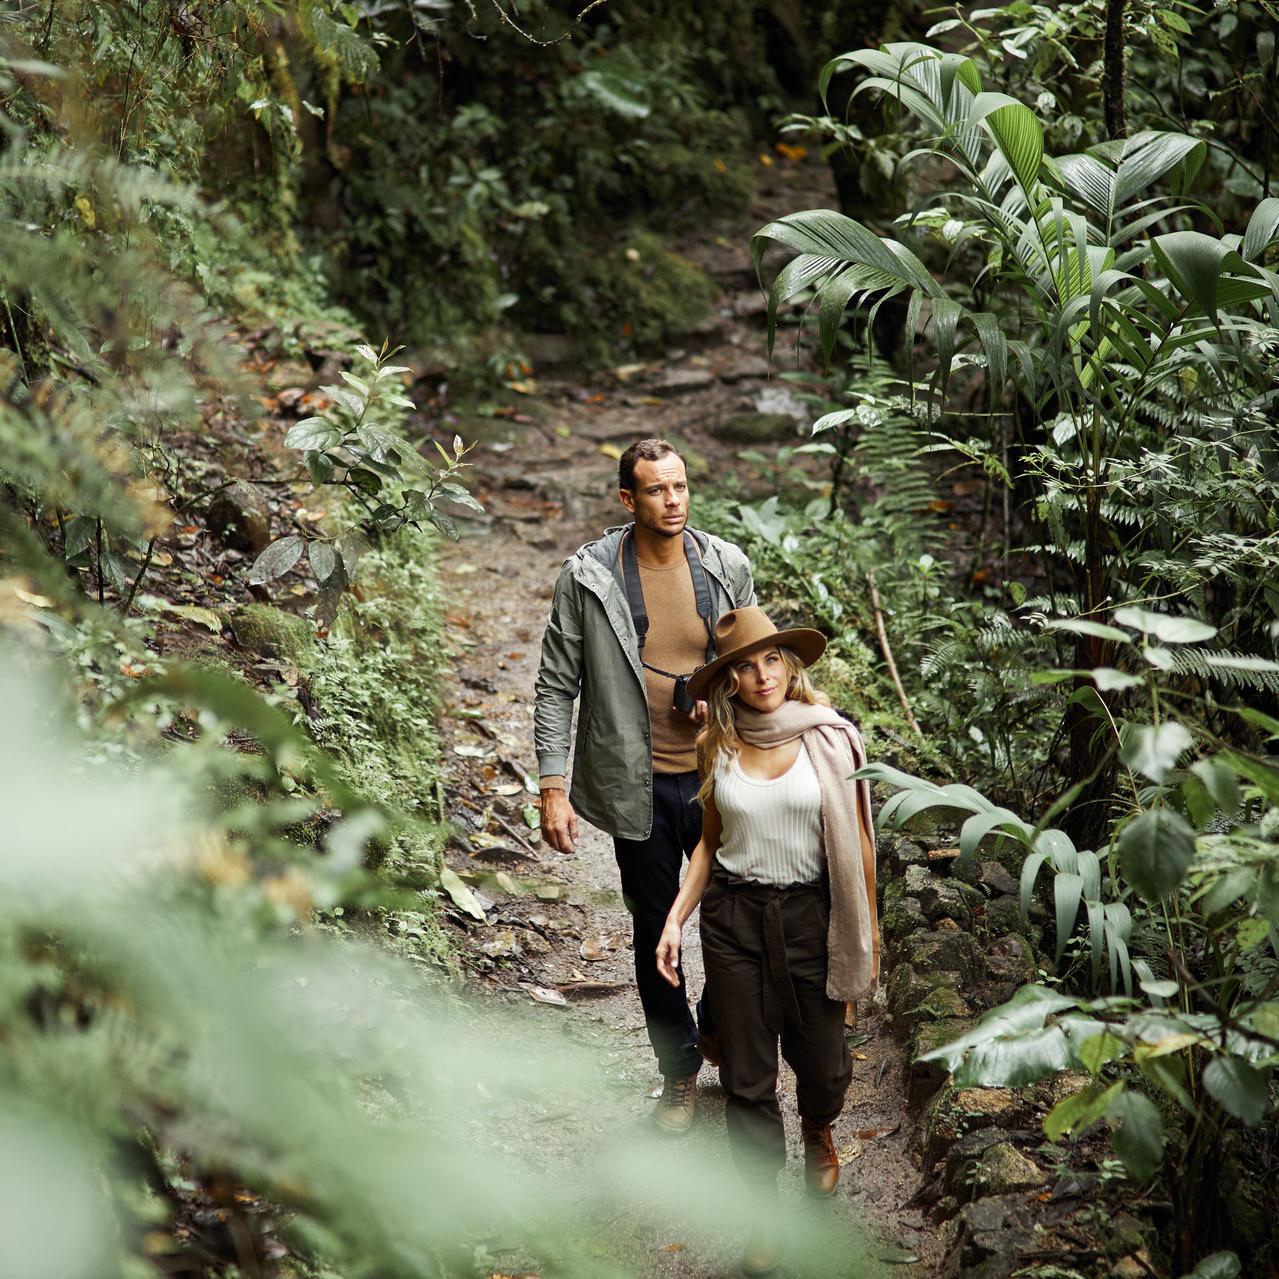 A couple exploring the The Mandor Valley near Hotel Sumaq